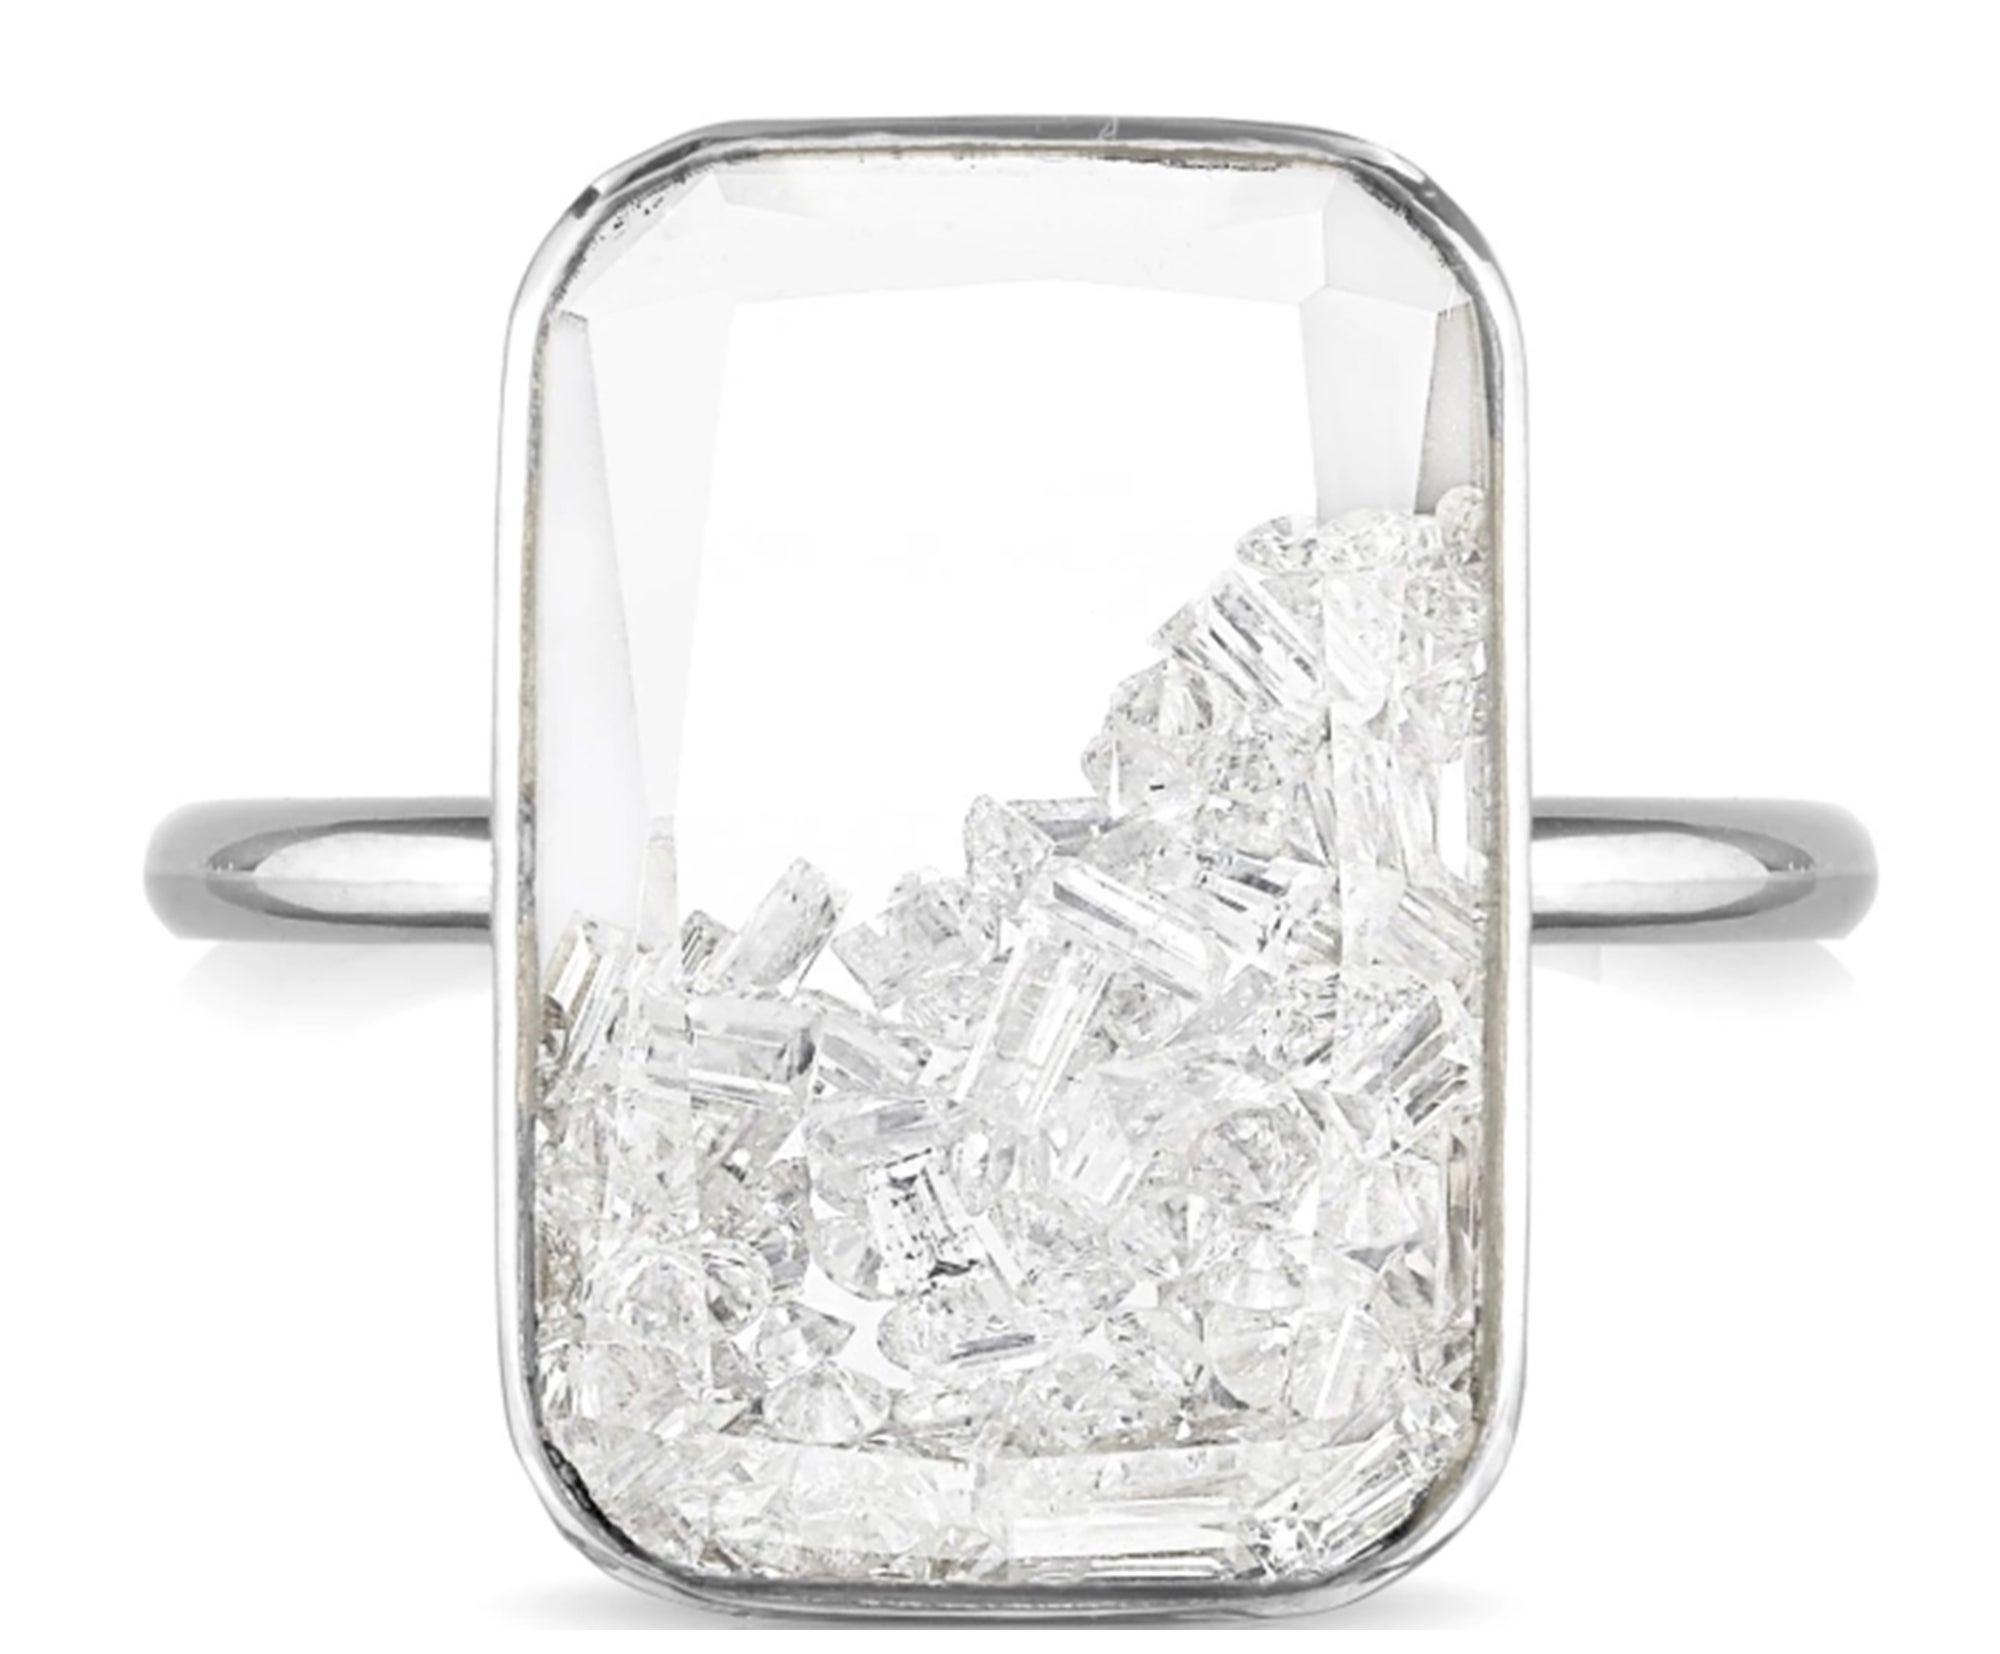 Moritz Glik Ten-Fourteen Diamond Shaker Ring